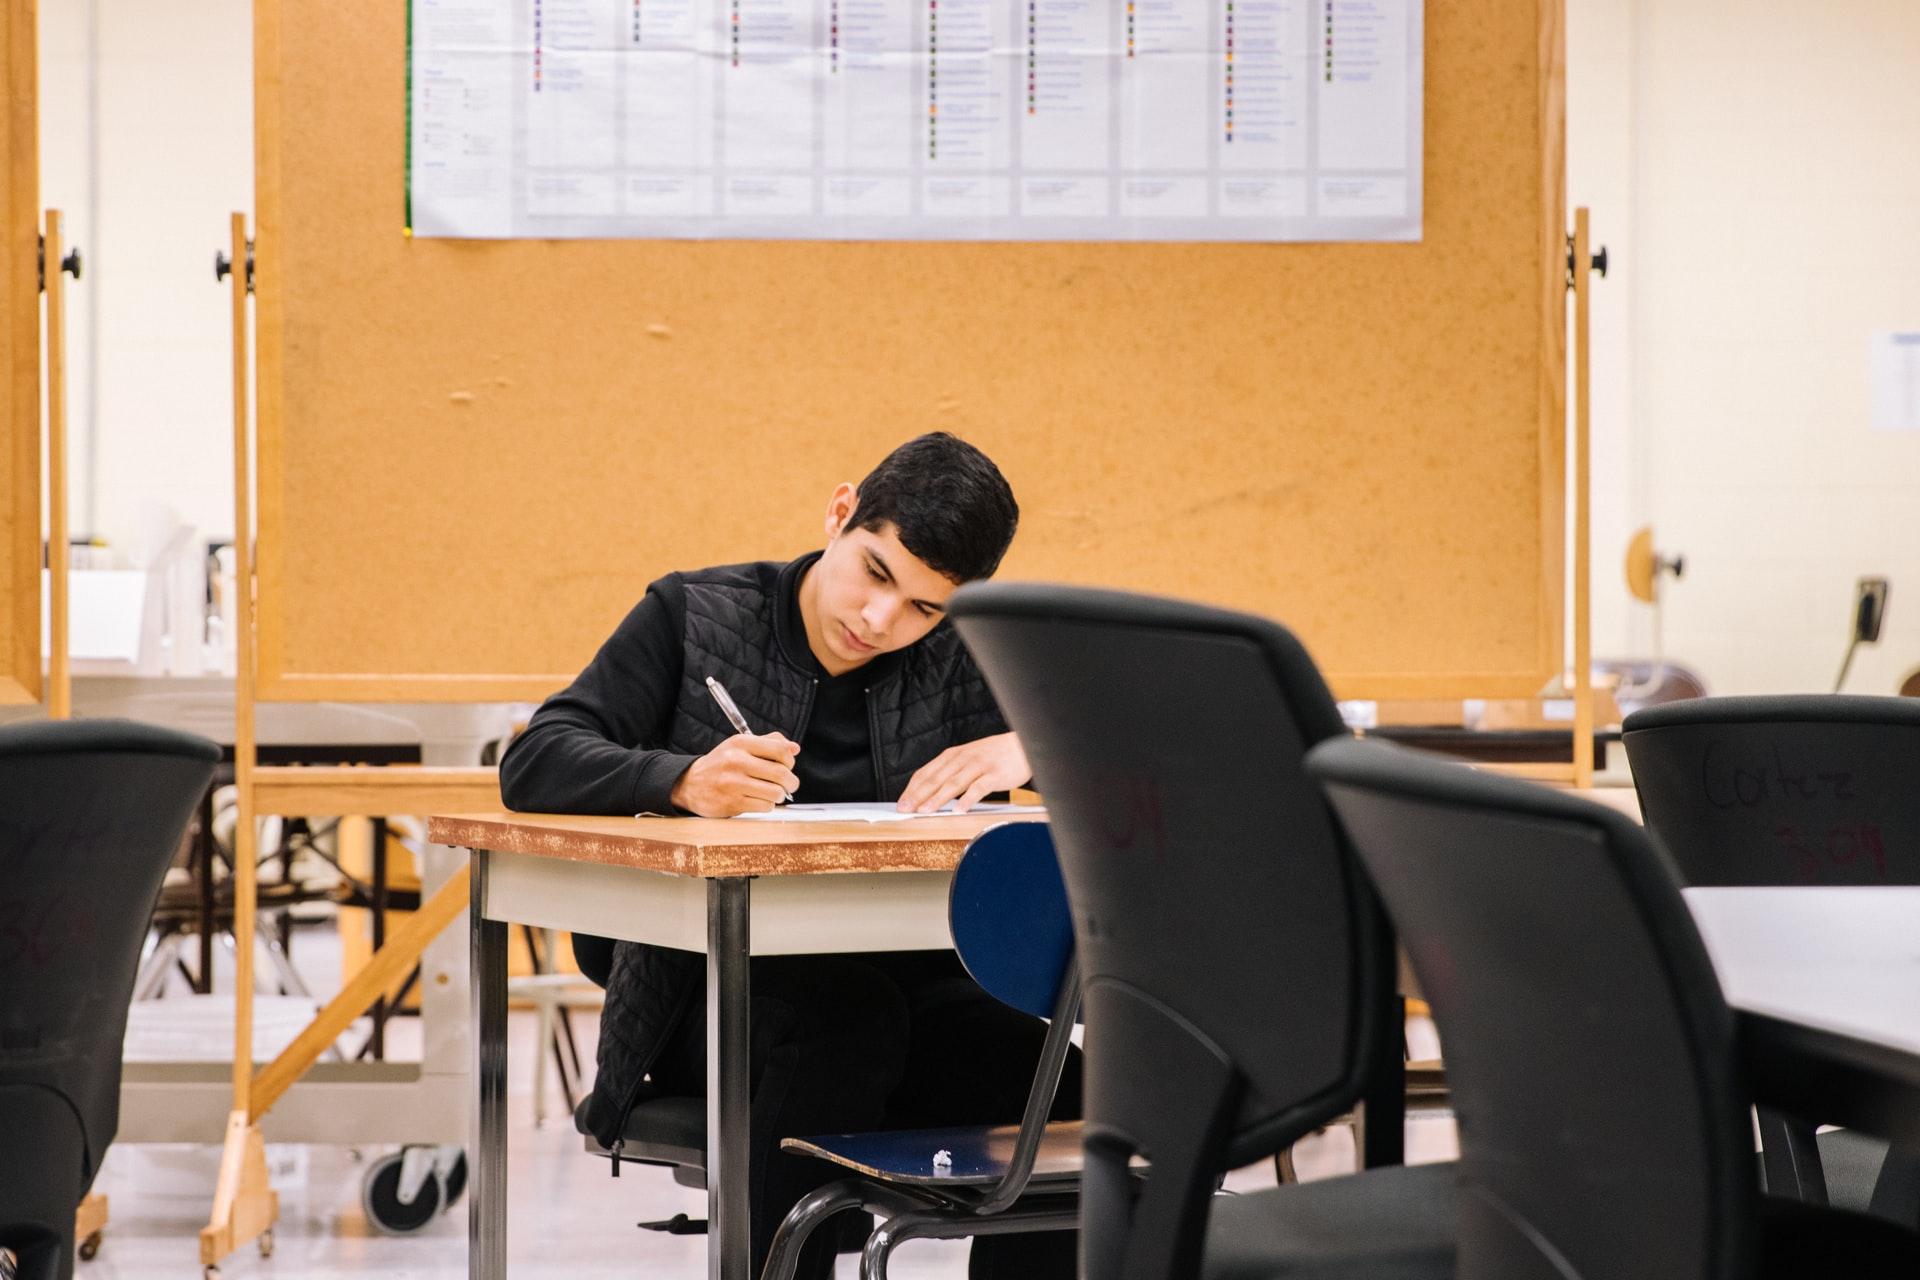 教室で自習する生徒